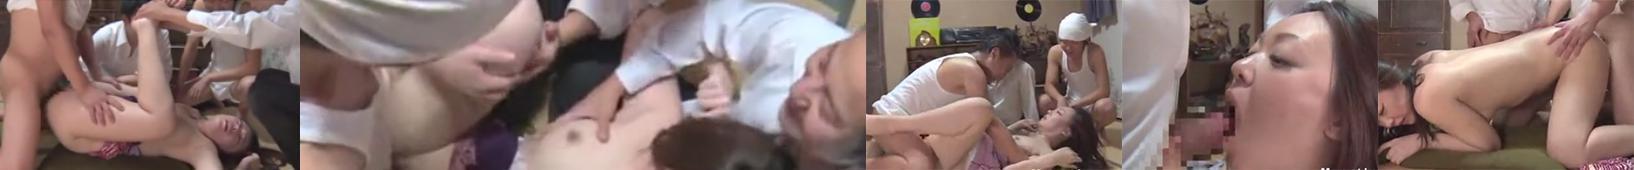 Pijana mamuśka zgwałcona przez grupę chłopców